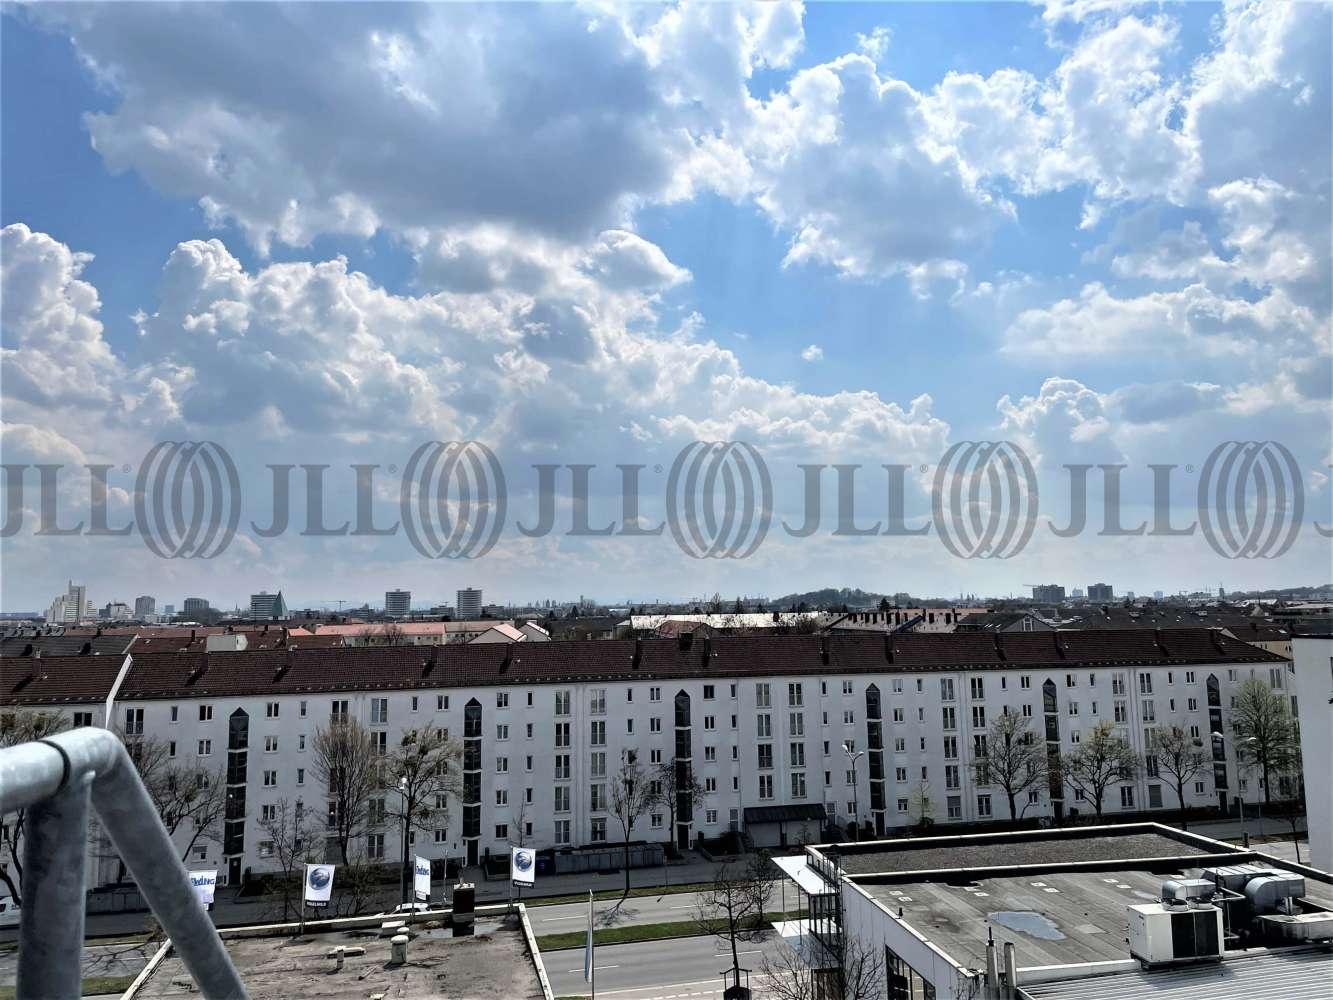 Büros München, 80807 -  München, Milbertshofen-Am Hart - M1833